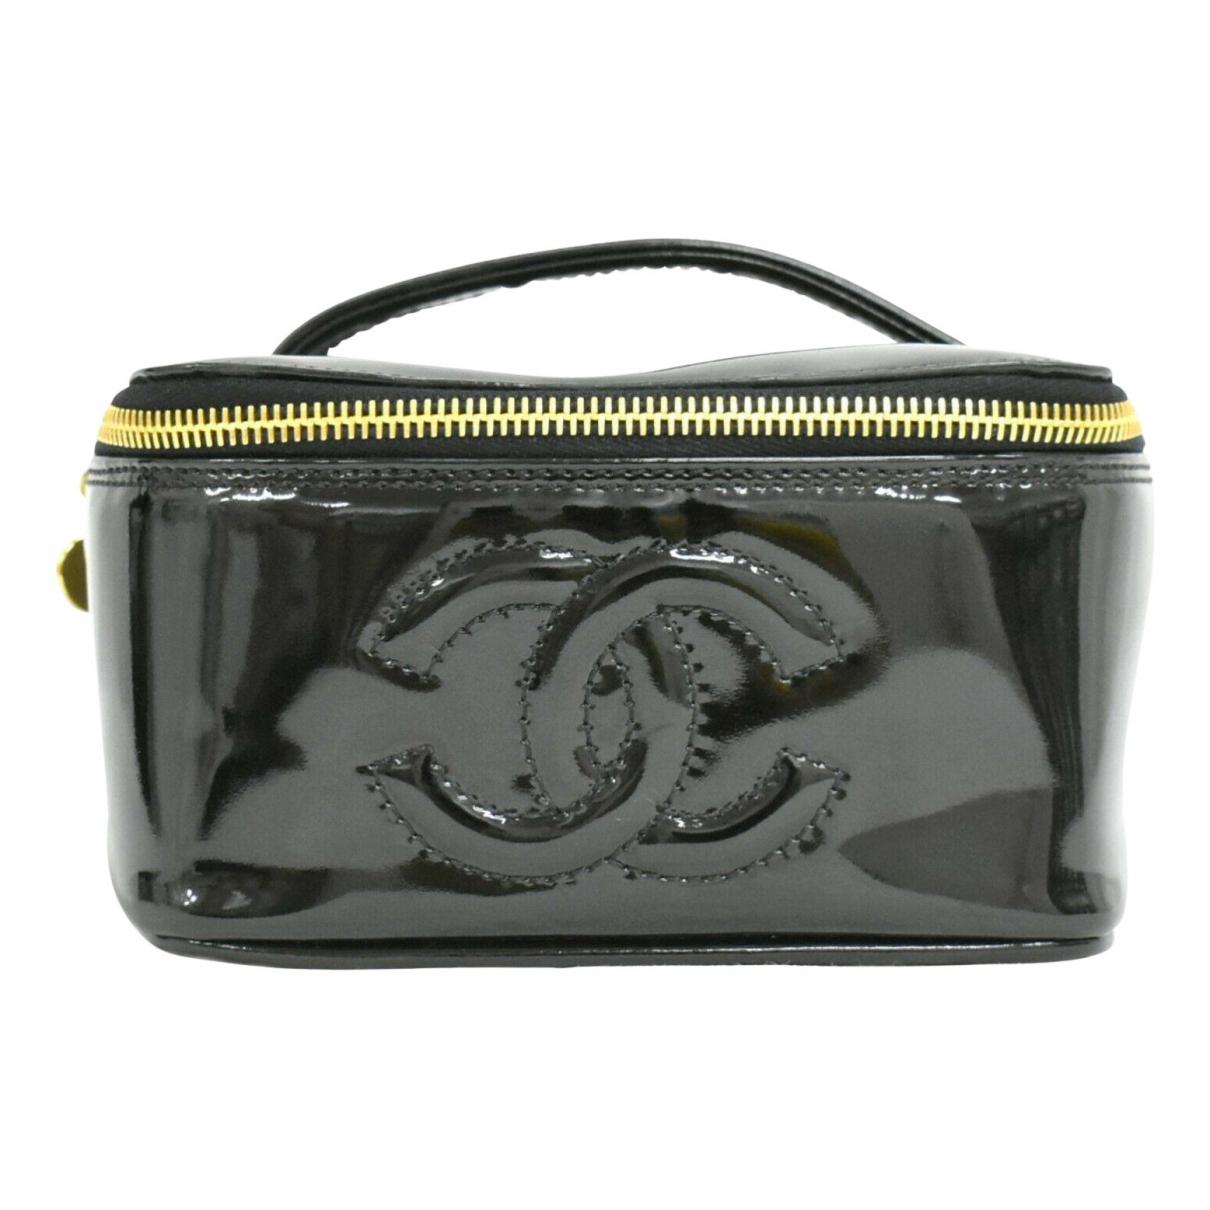 Chanel - Sac a main Vanity pour femme en cuir verni - noir